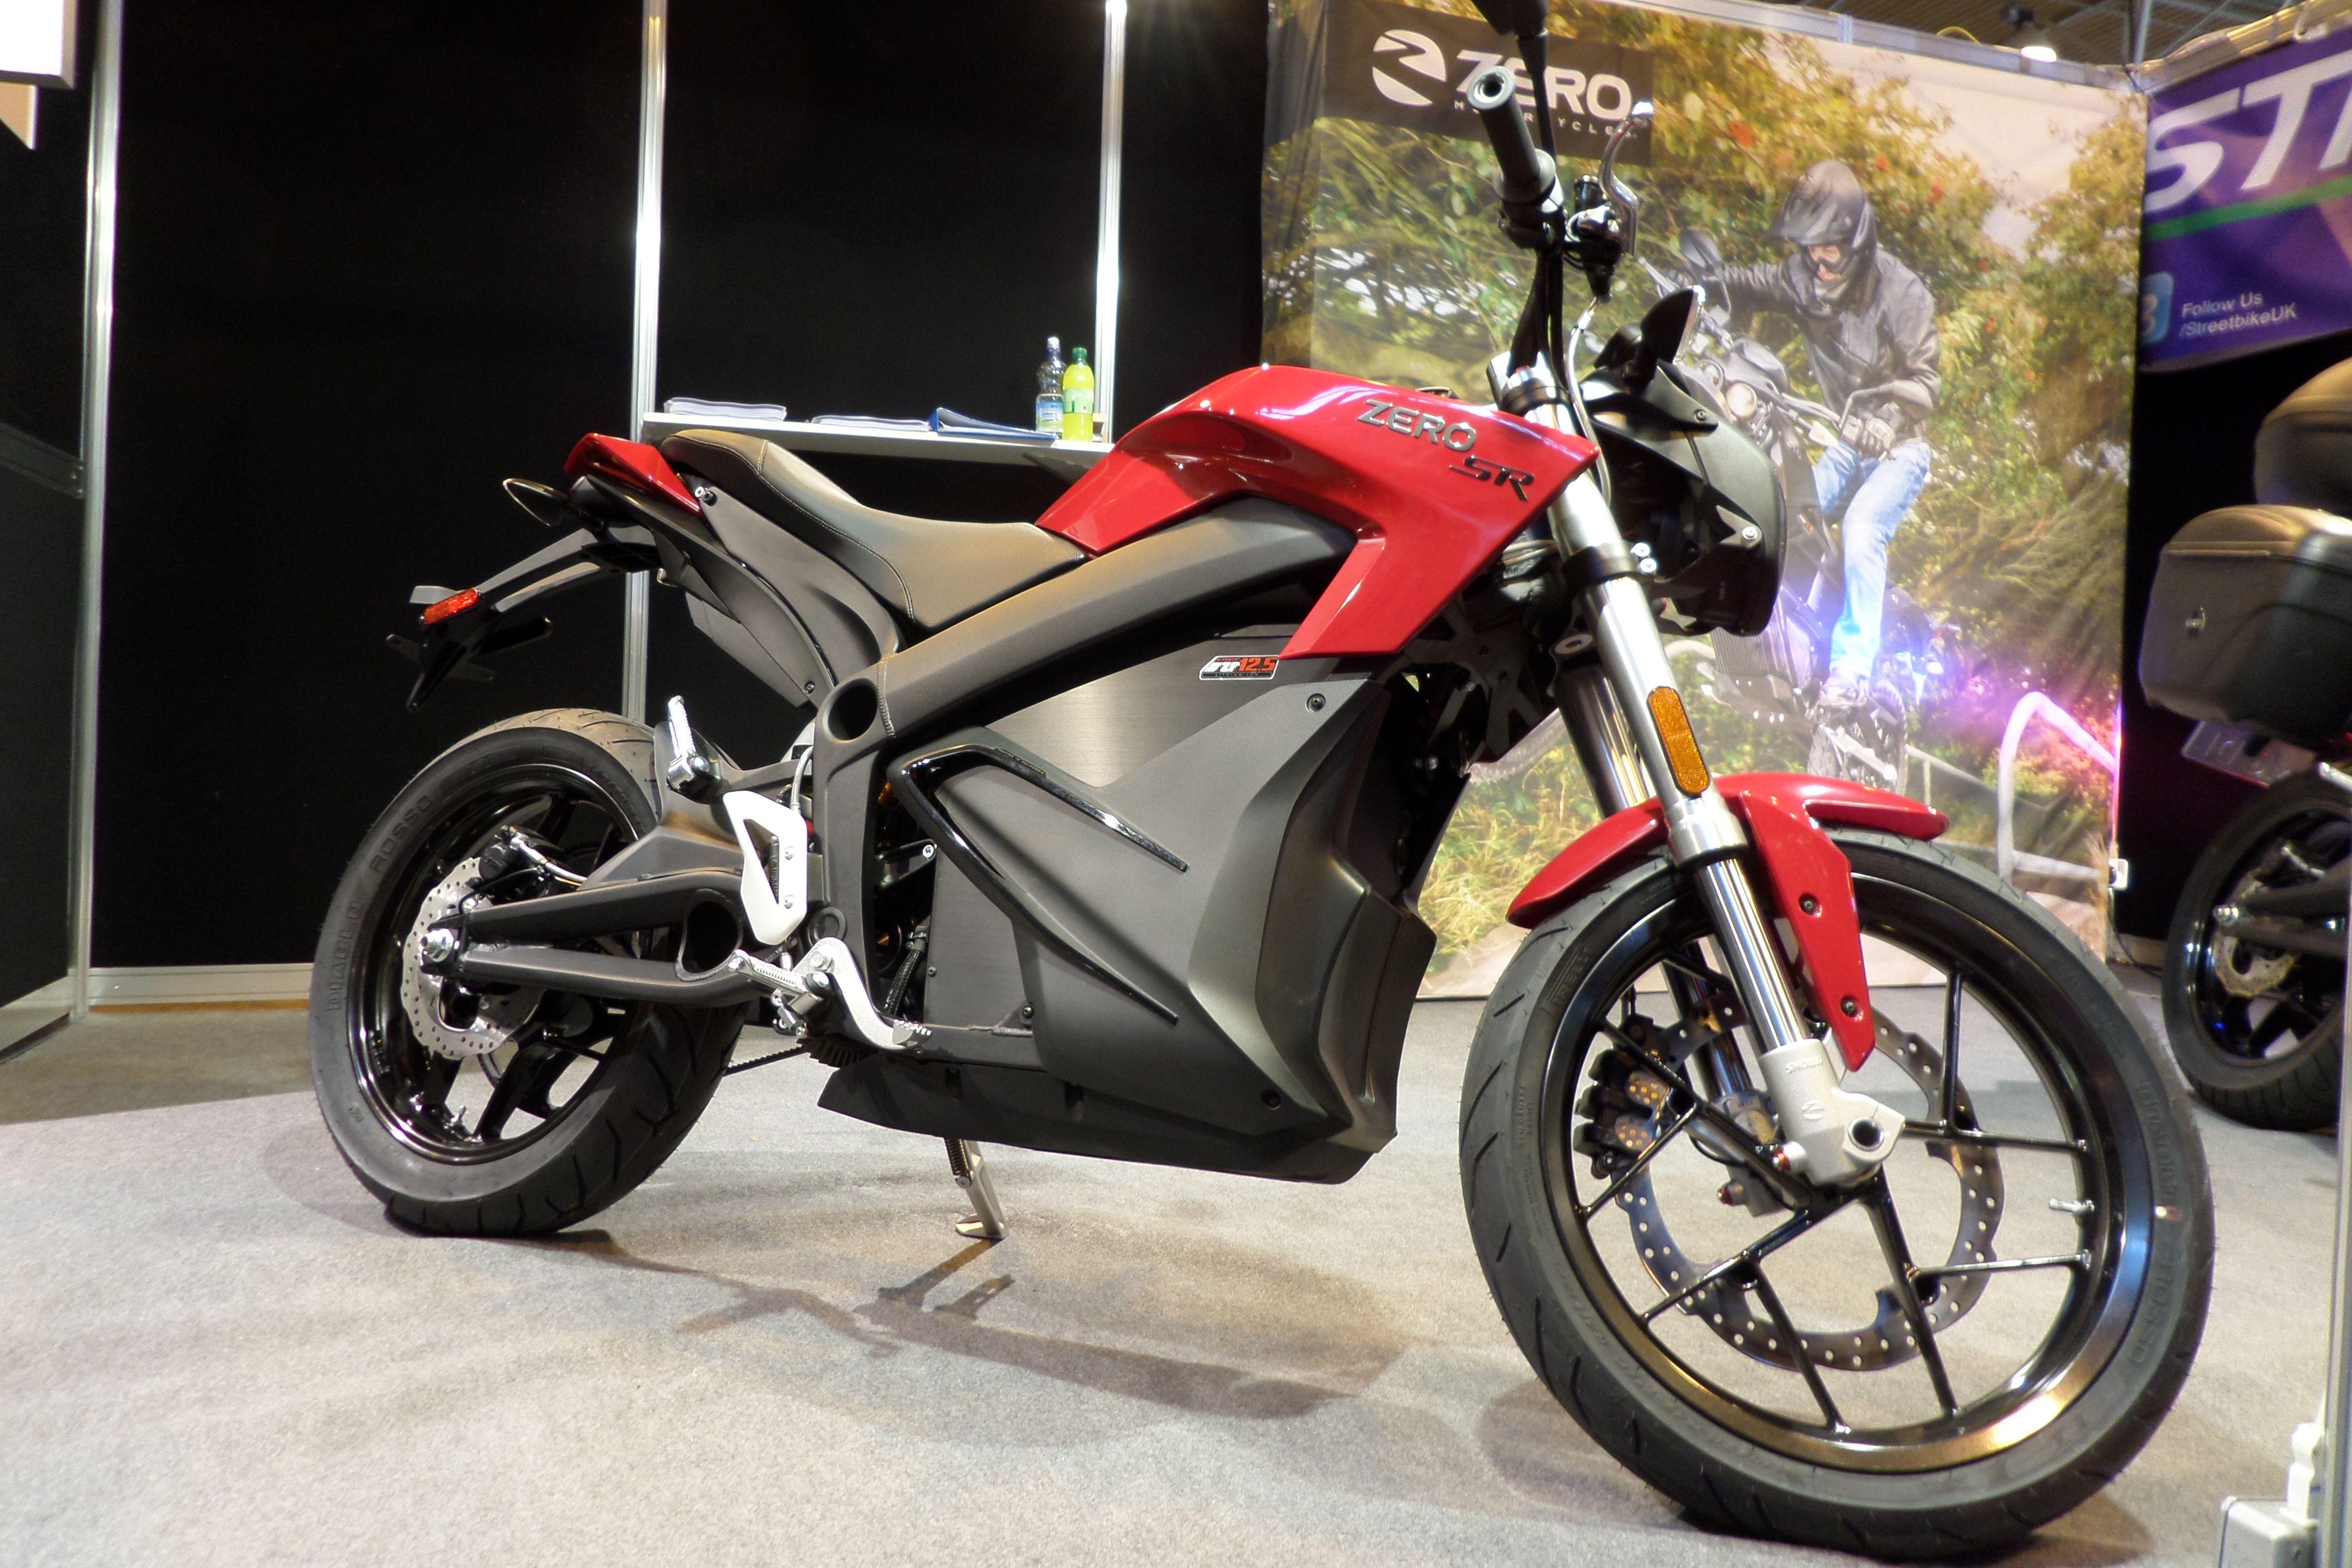 Yamaha Electric Motorcycle Uk